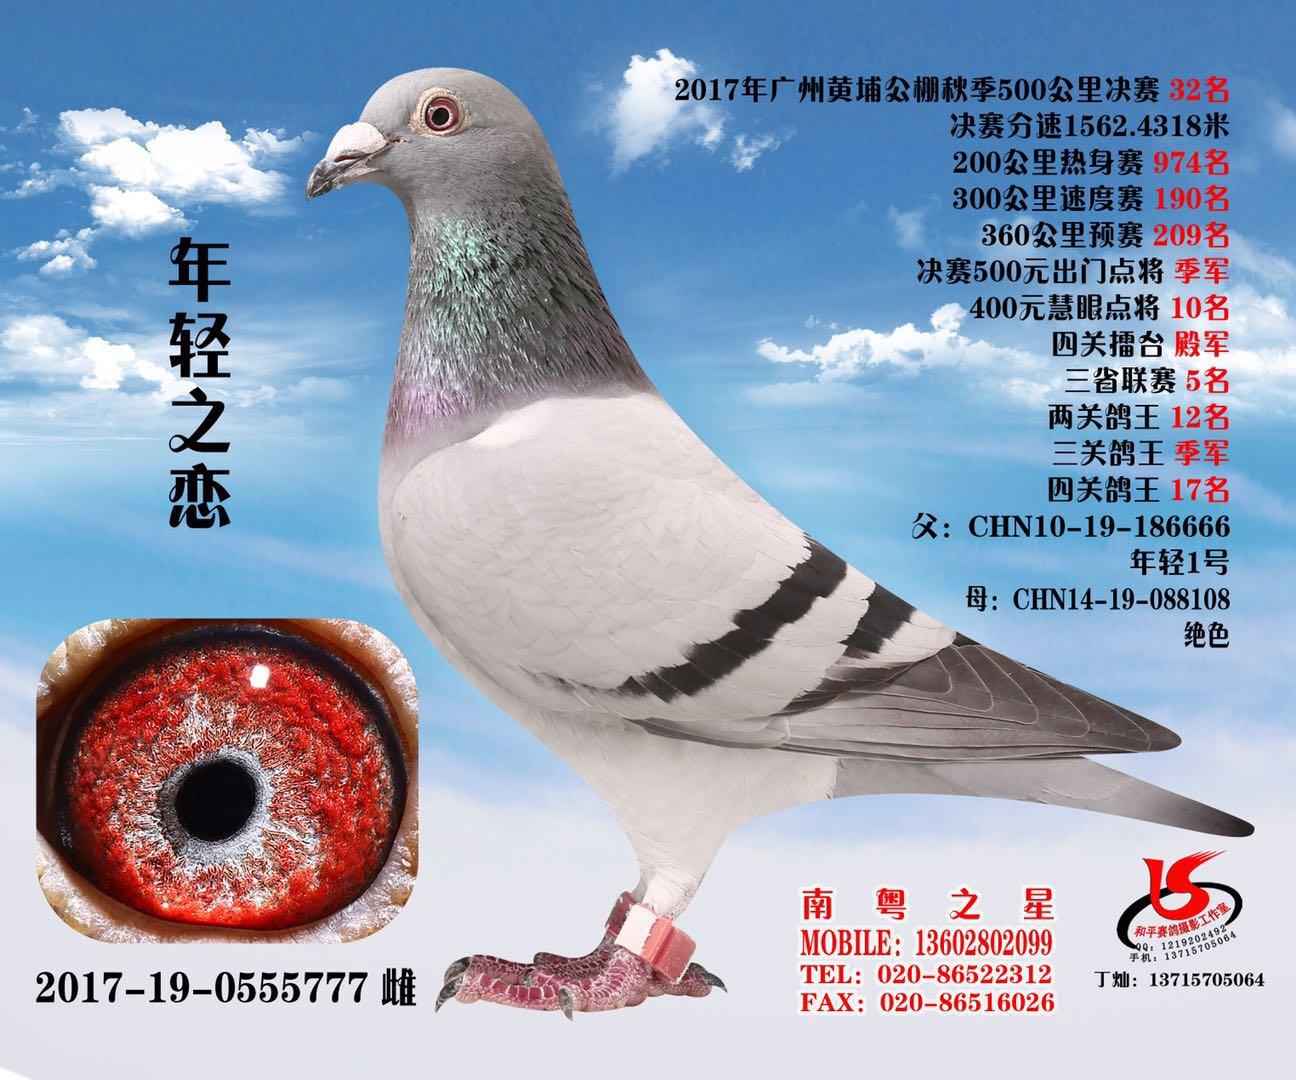 2017浩羽(黄埔)公棚32名